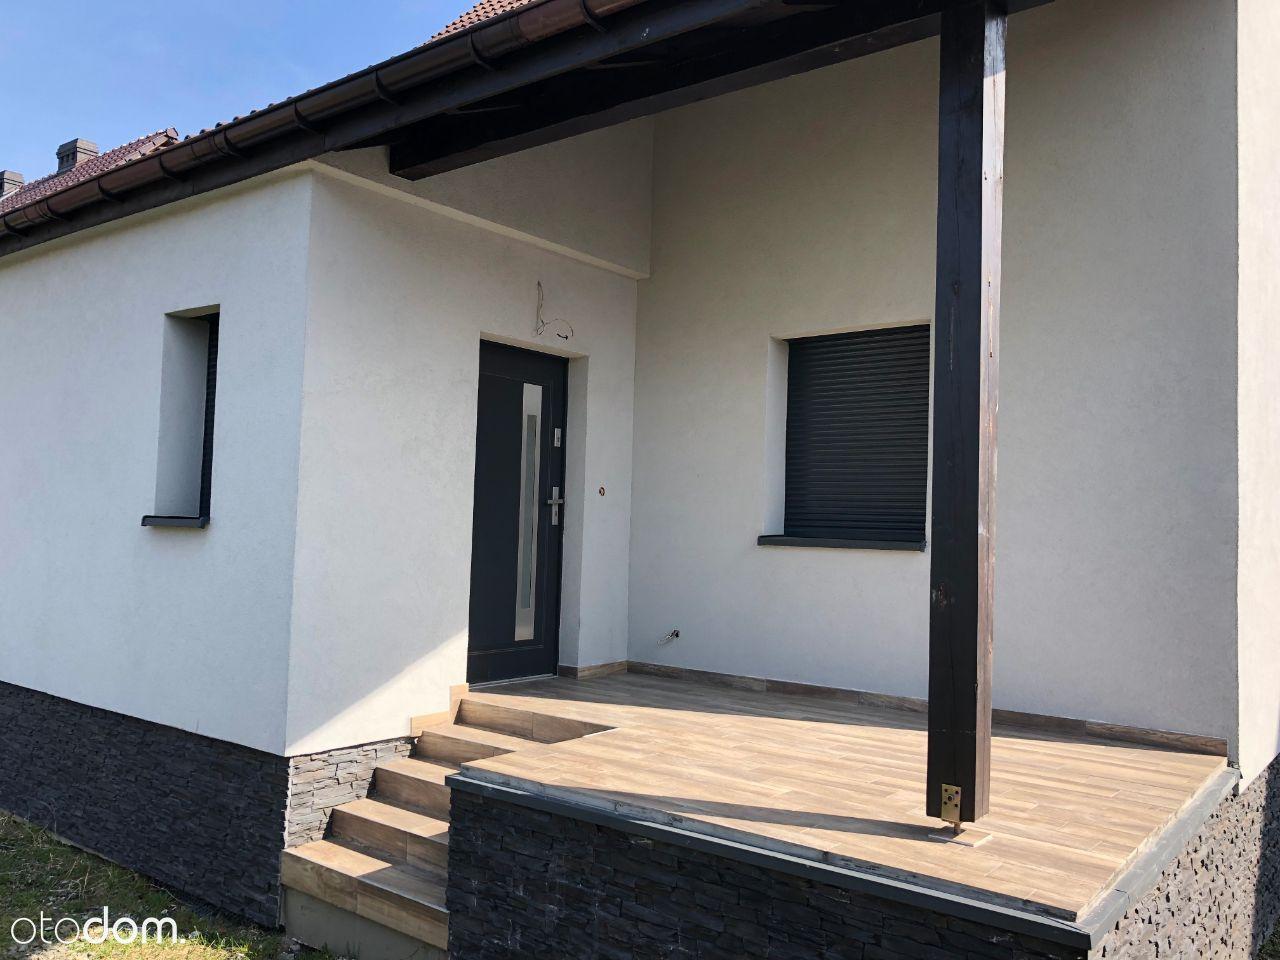 Piękny dom w Studziennej - gotowy do zamieszkania.